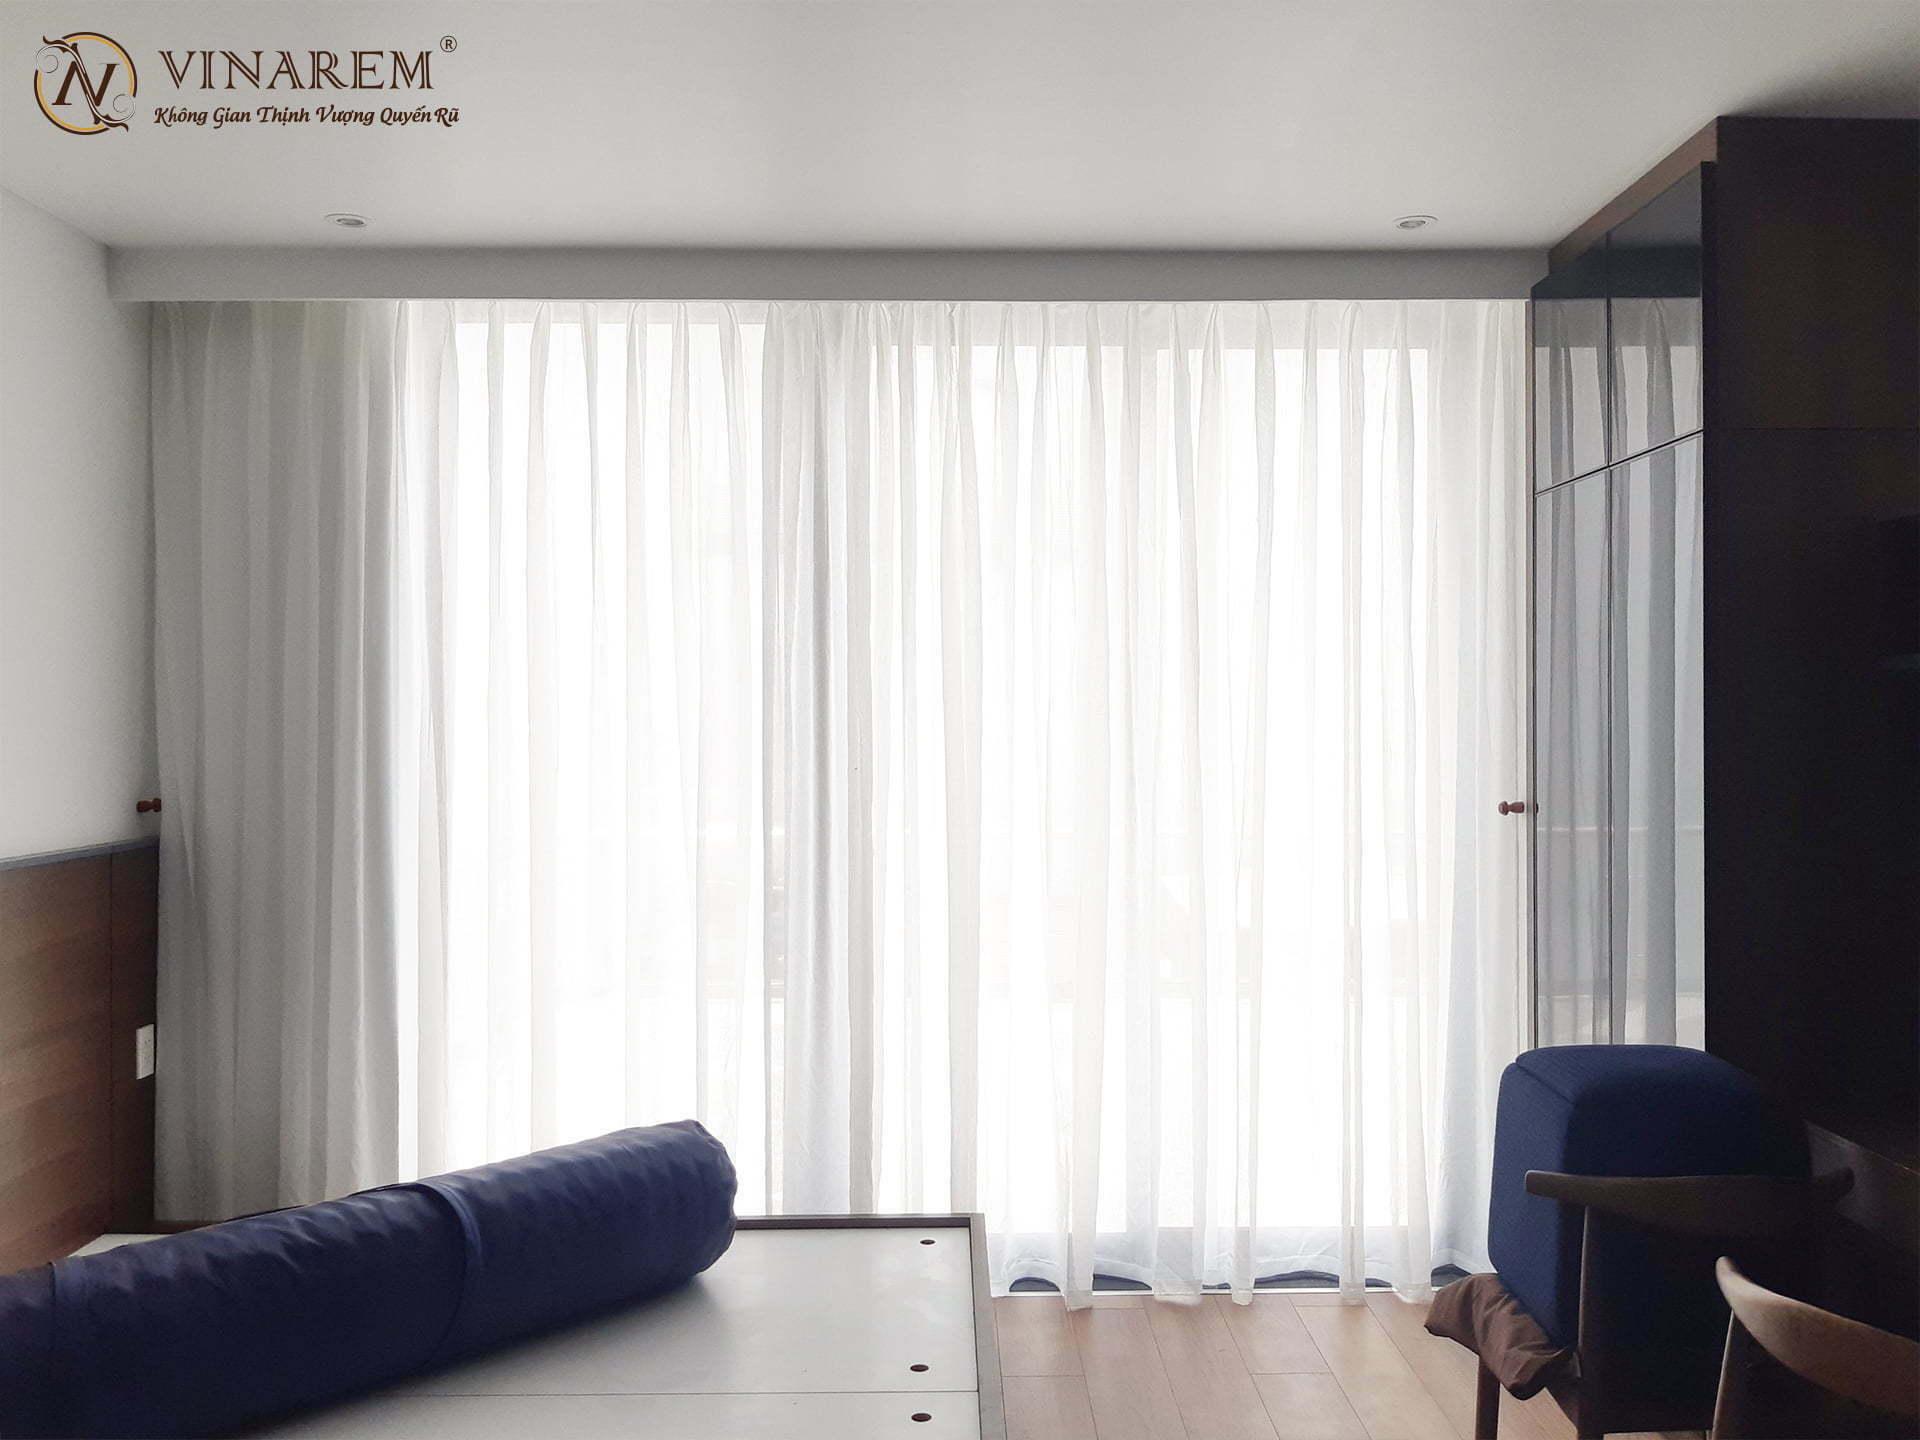 Rèm vải voan trơn cho căn hộ CCPHW22 | Vinarem